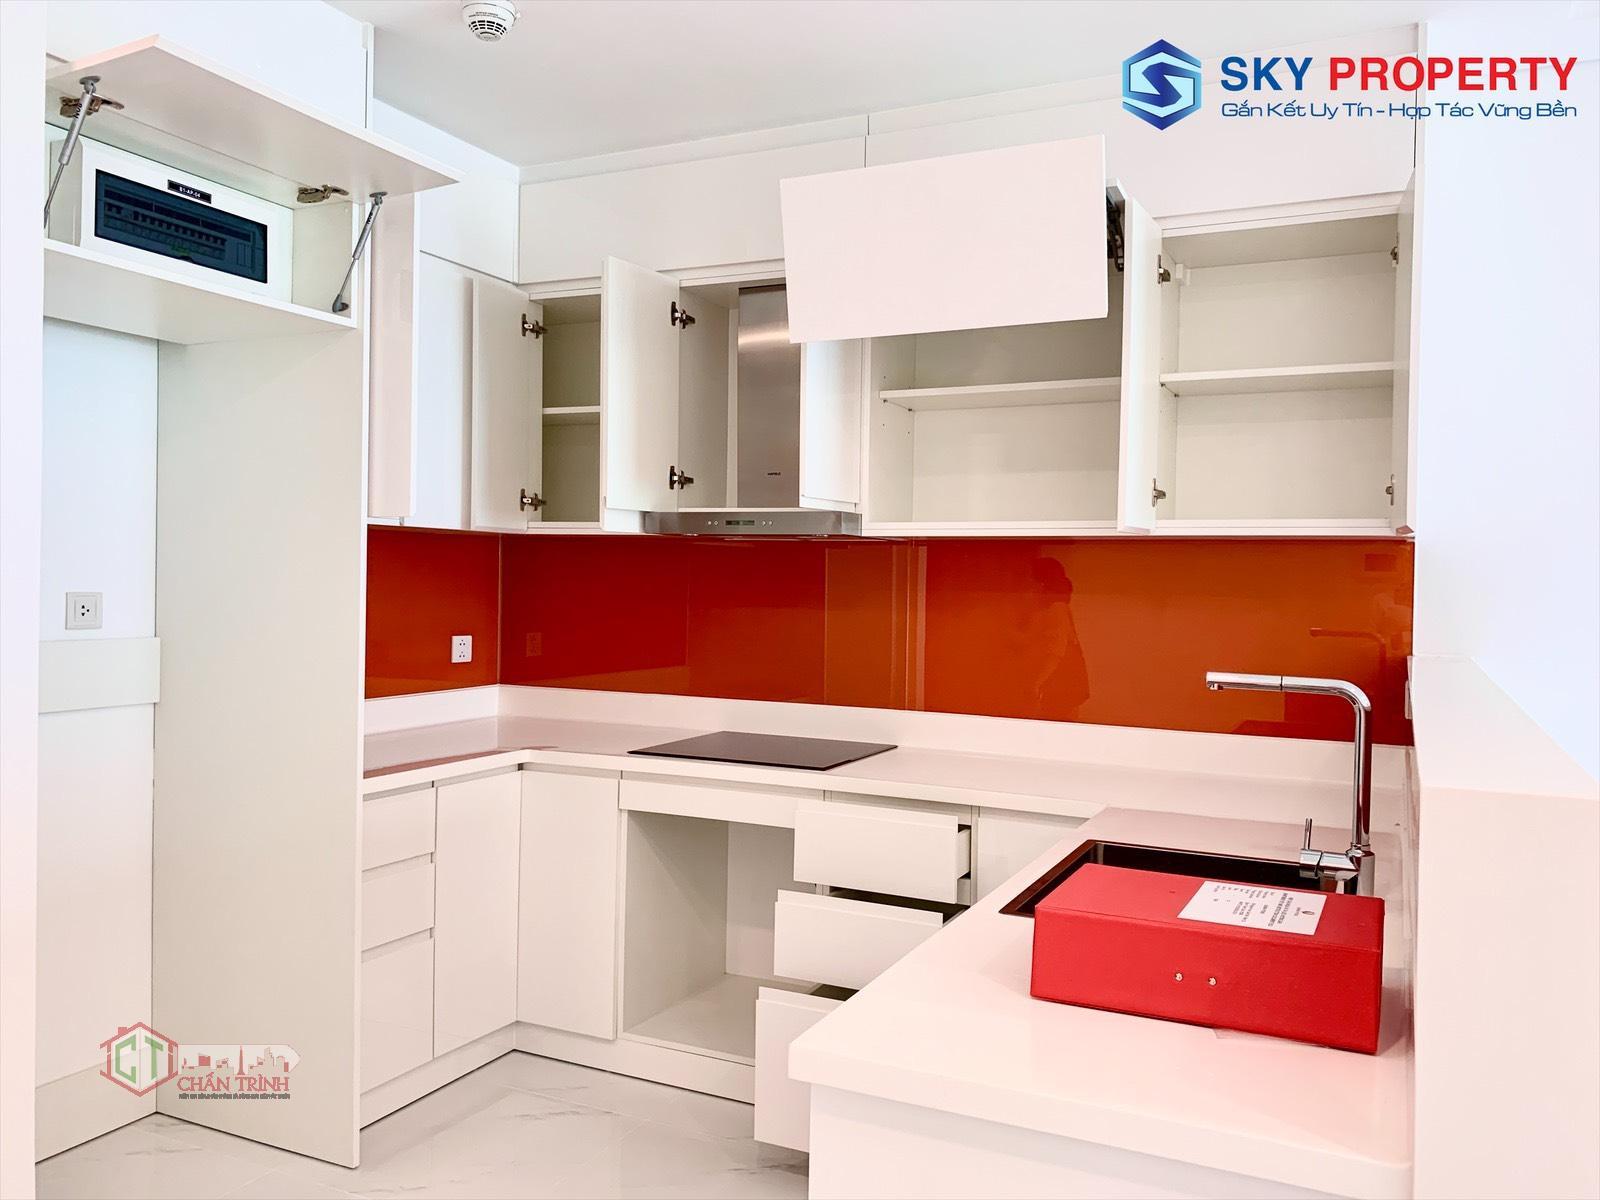 Khu vực bếp của căn hộ 1PN trống.